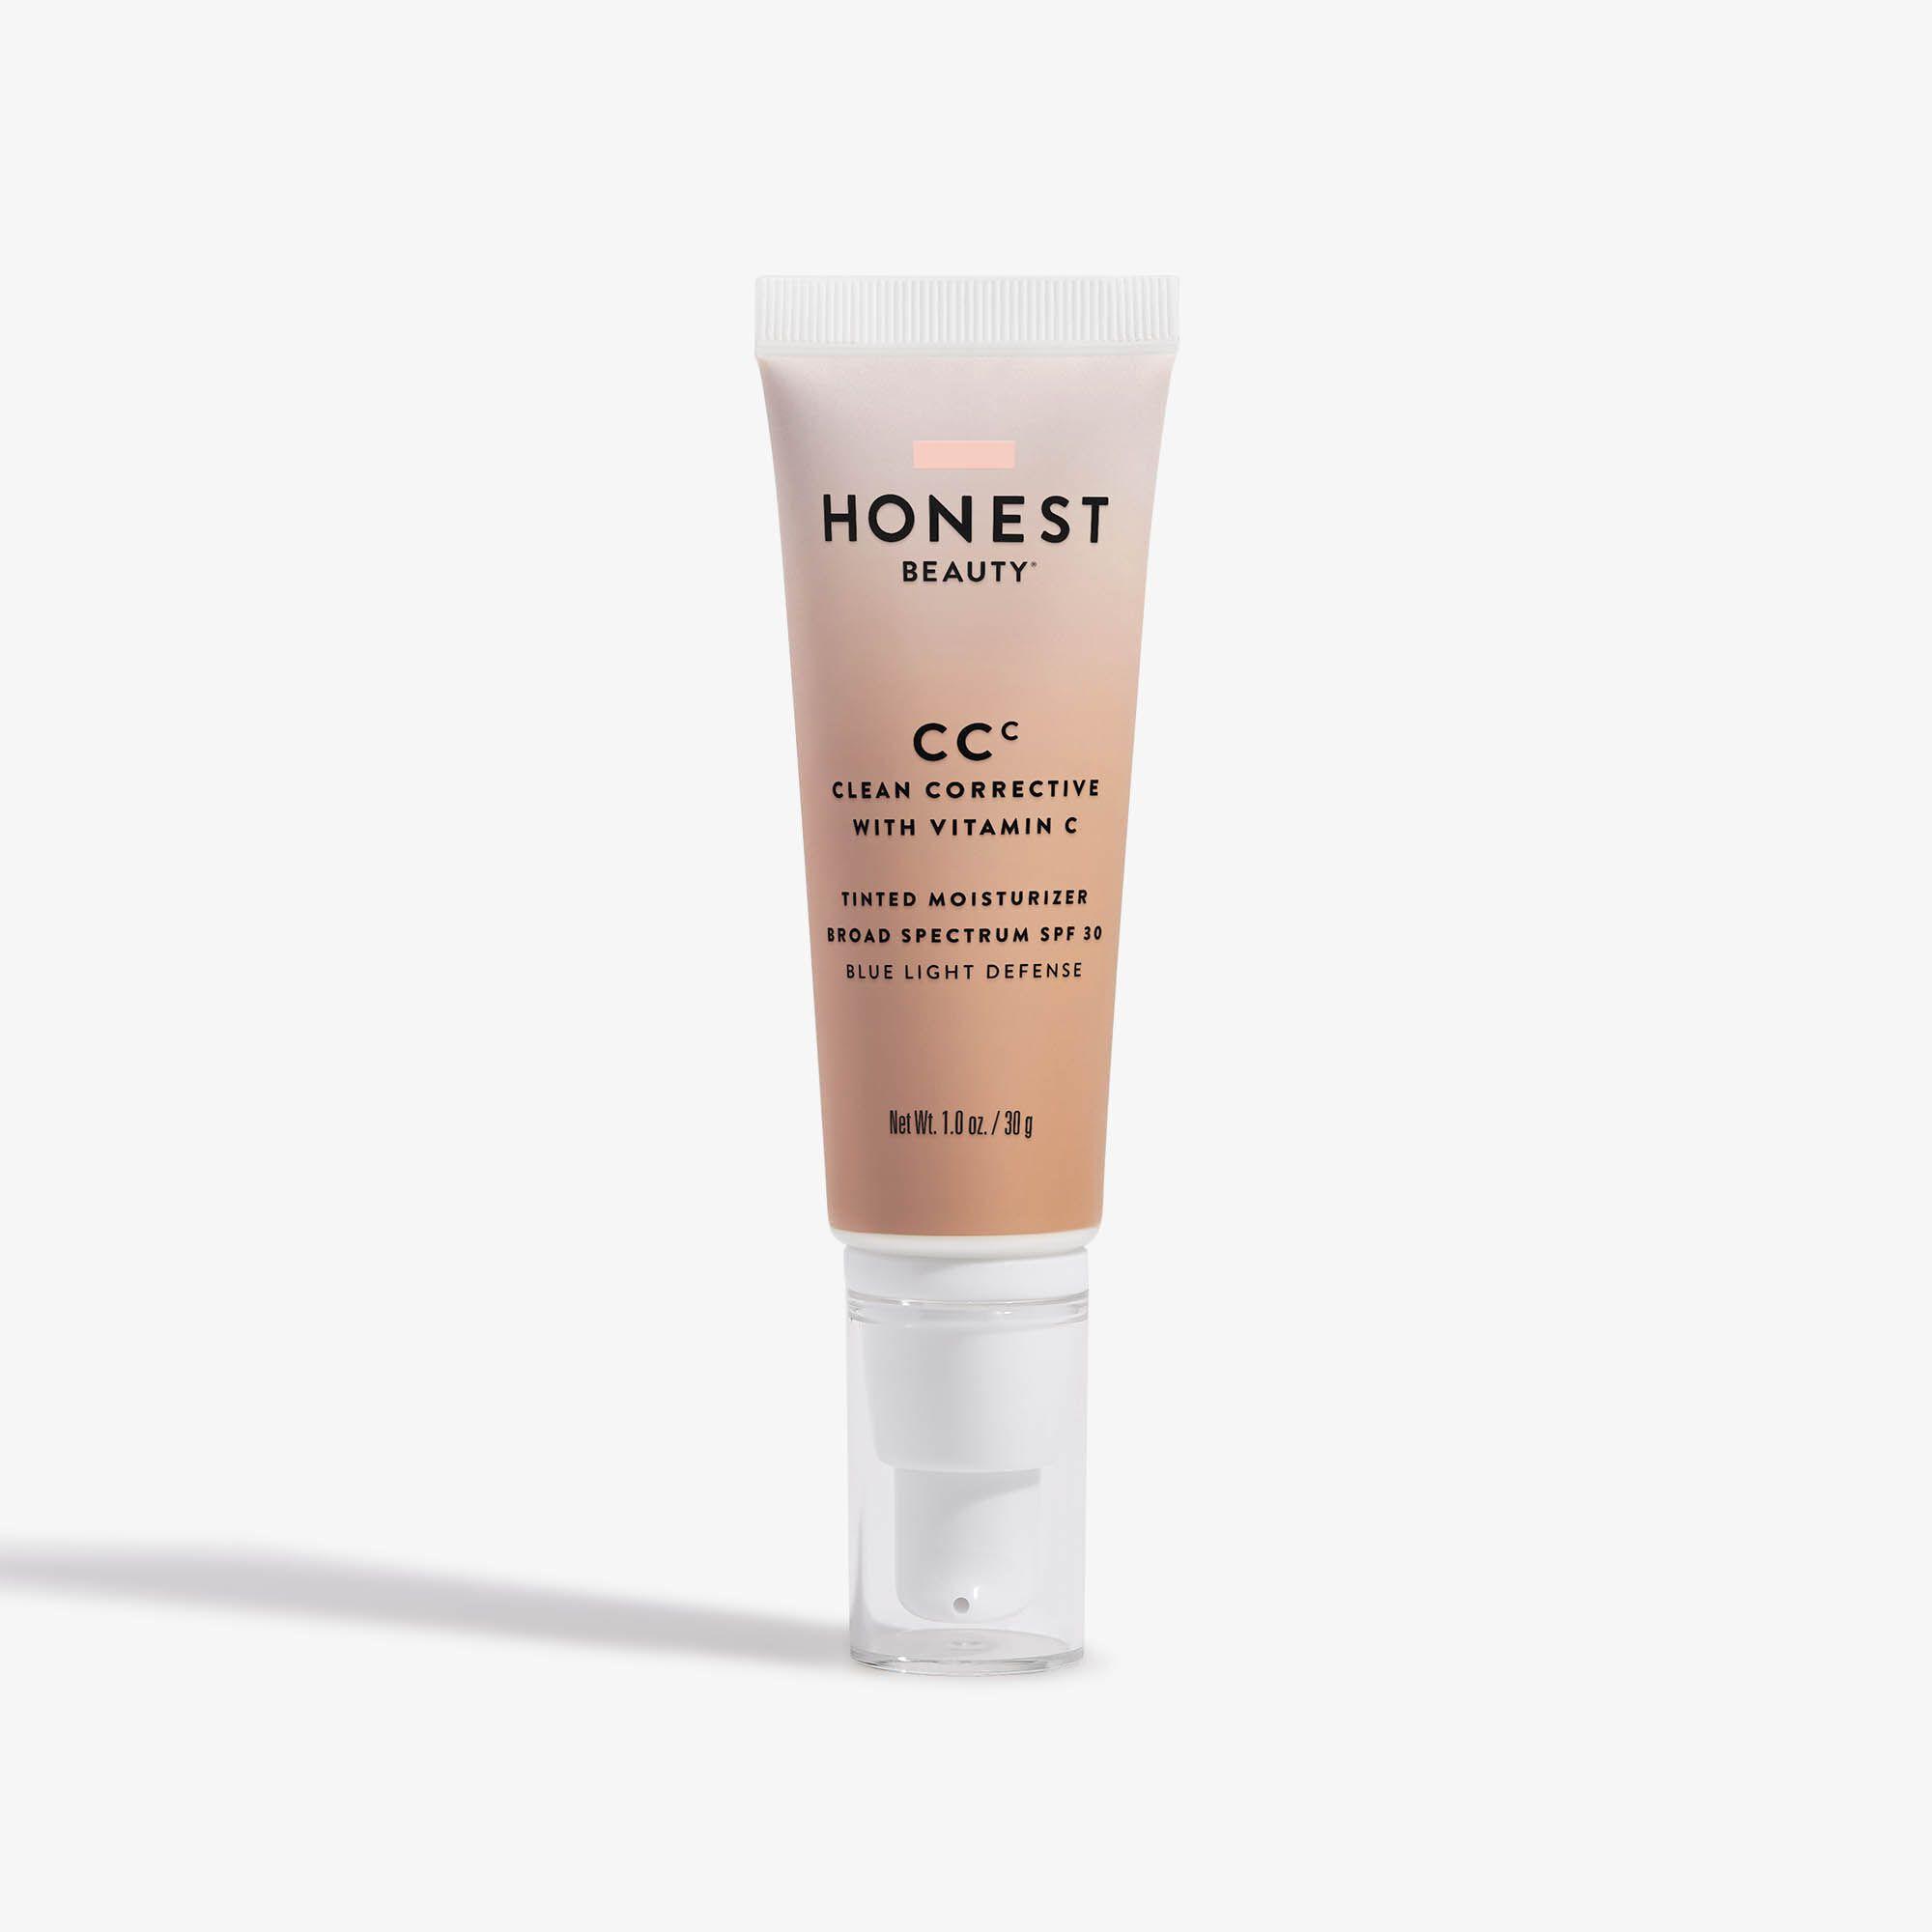 Honest CCc